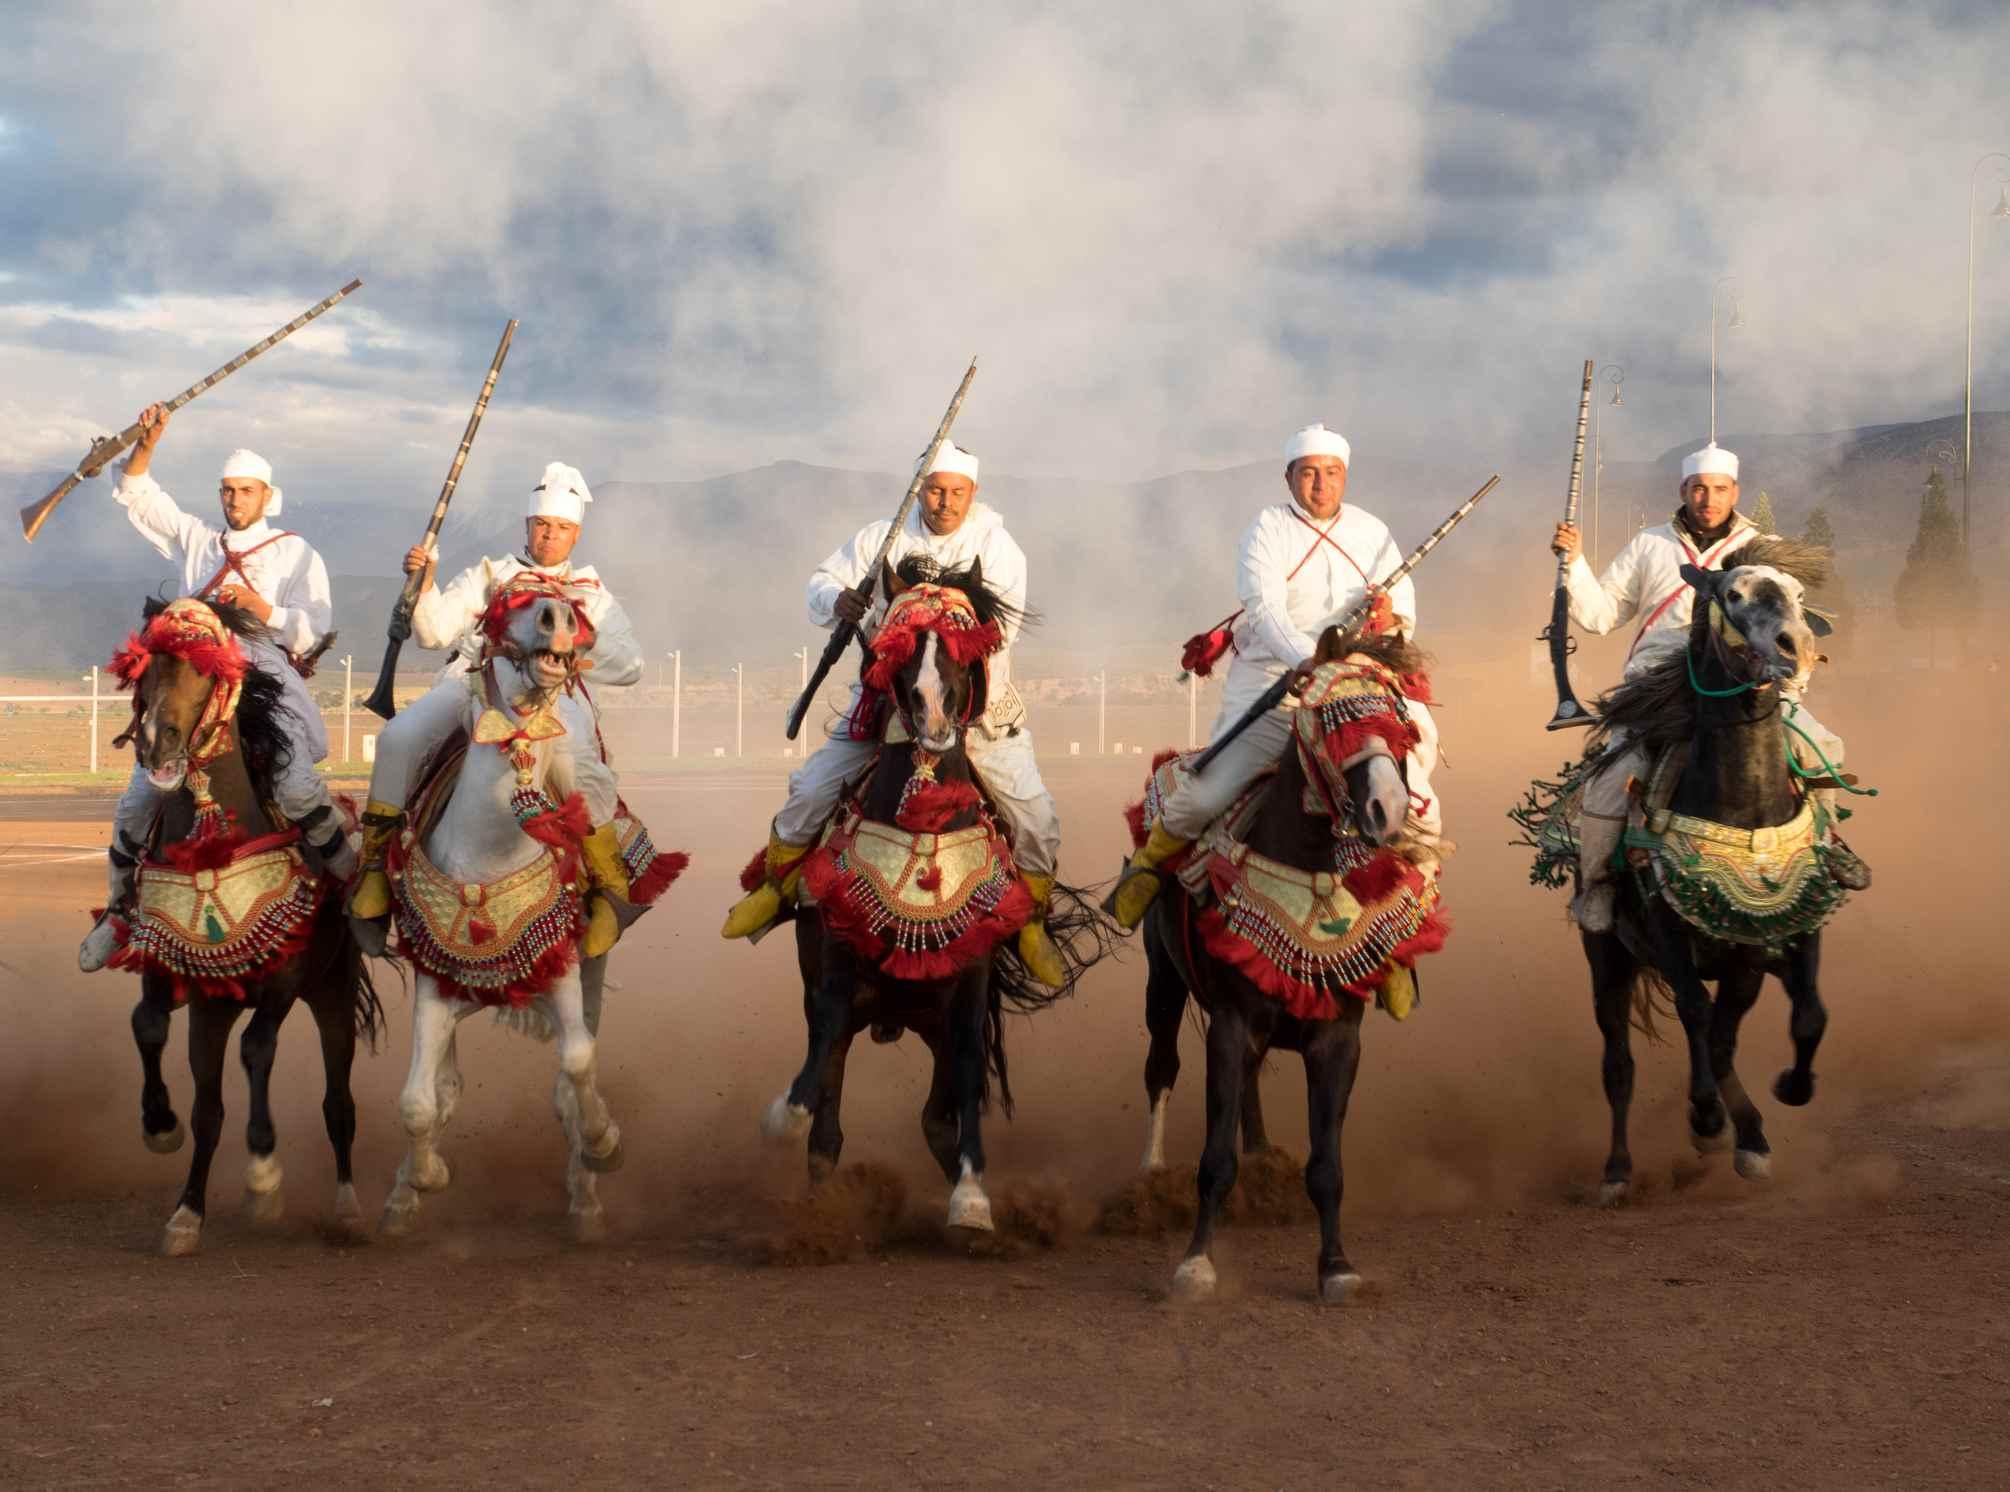 Fantasia horsemen, Morocco